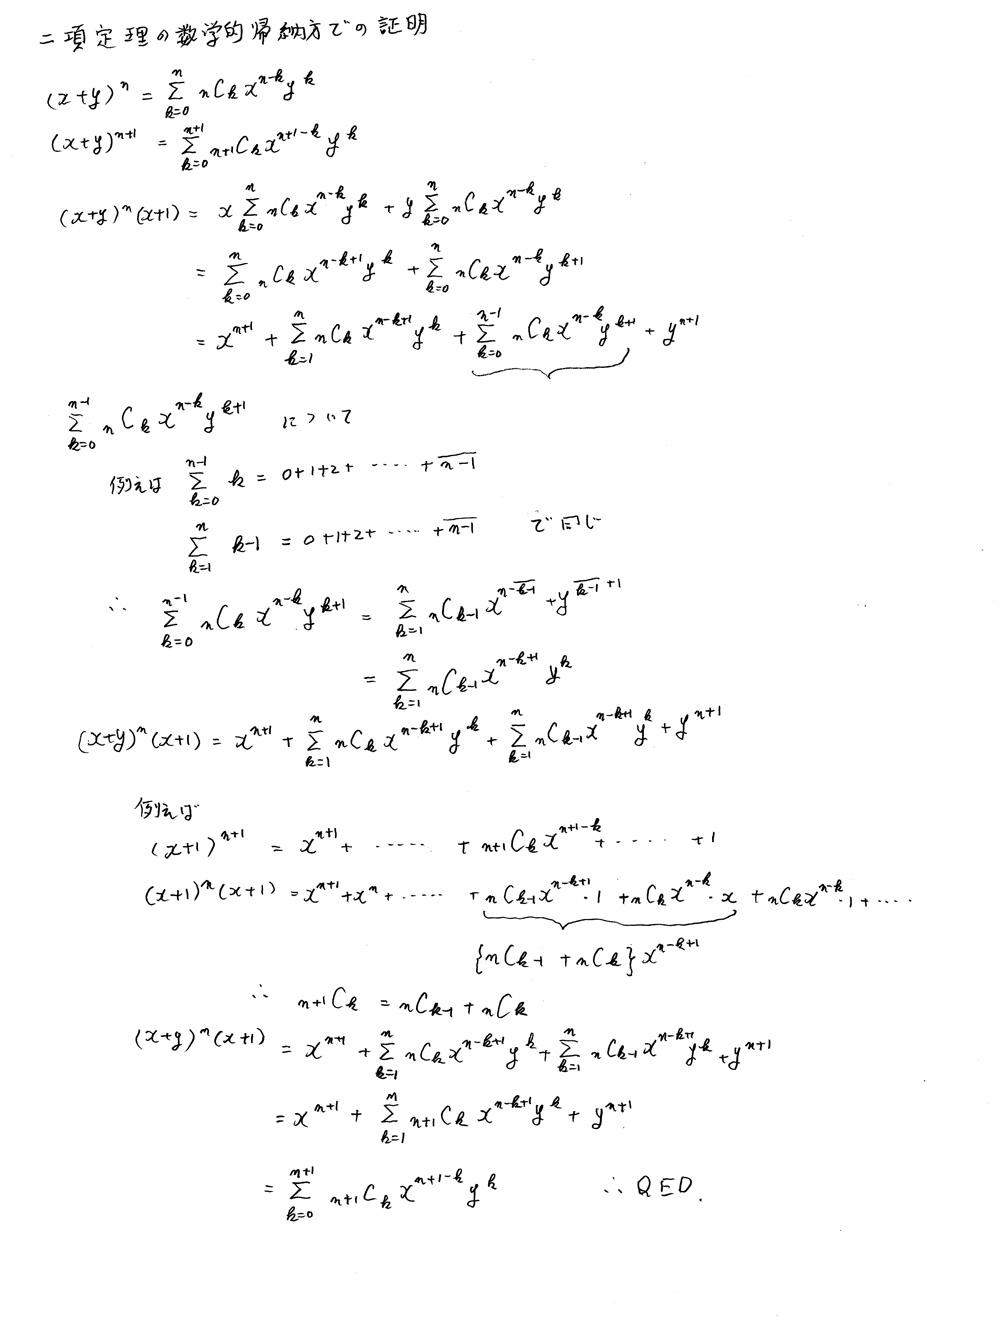 二項定理の数学的帰納法での証明 俺流: ハンナリ ハンナリ